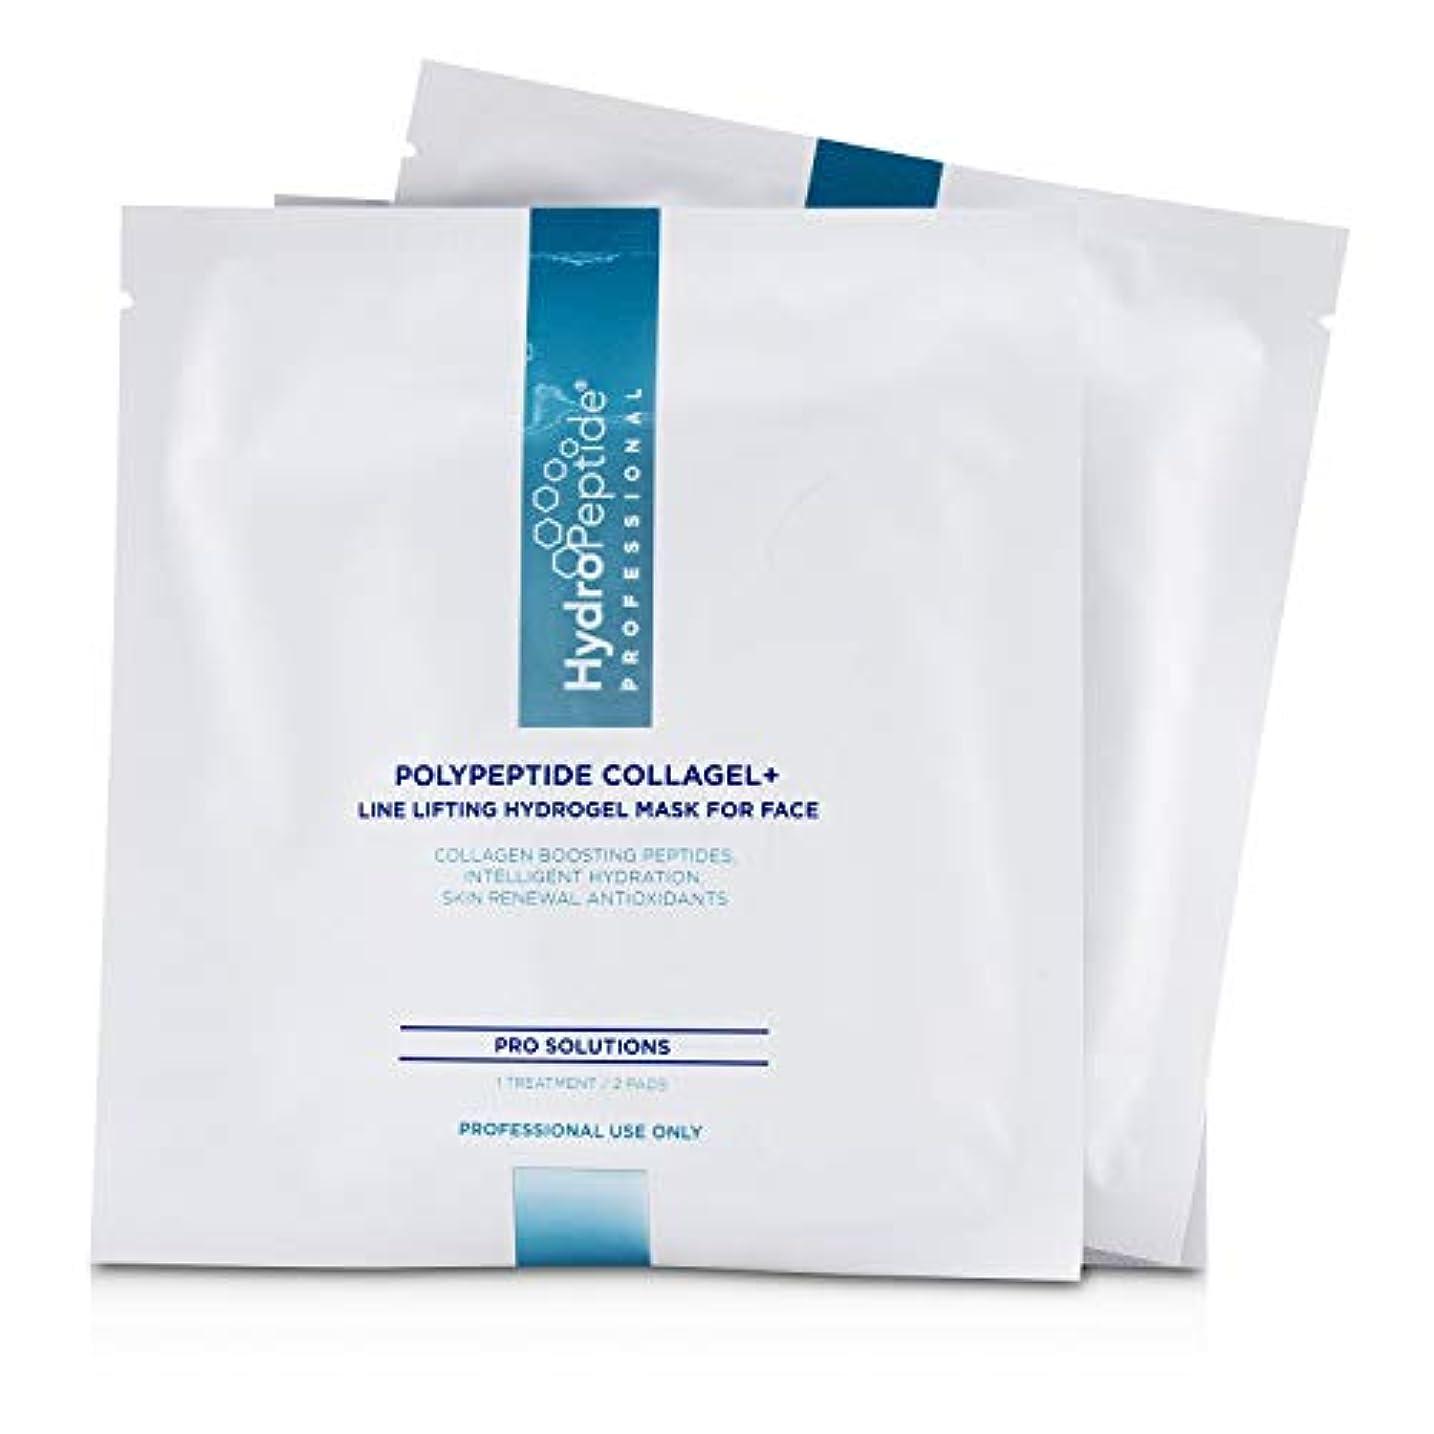 火傷コンプライアンスウイルスハイドロペプチド Polypeptide Collagel+ Line Lifting Hydrogel Mask For Face (Salon Product) 12sheets並行輸入品